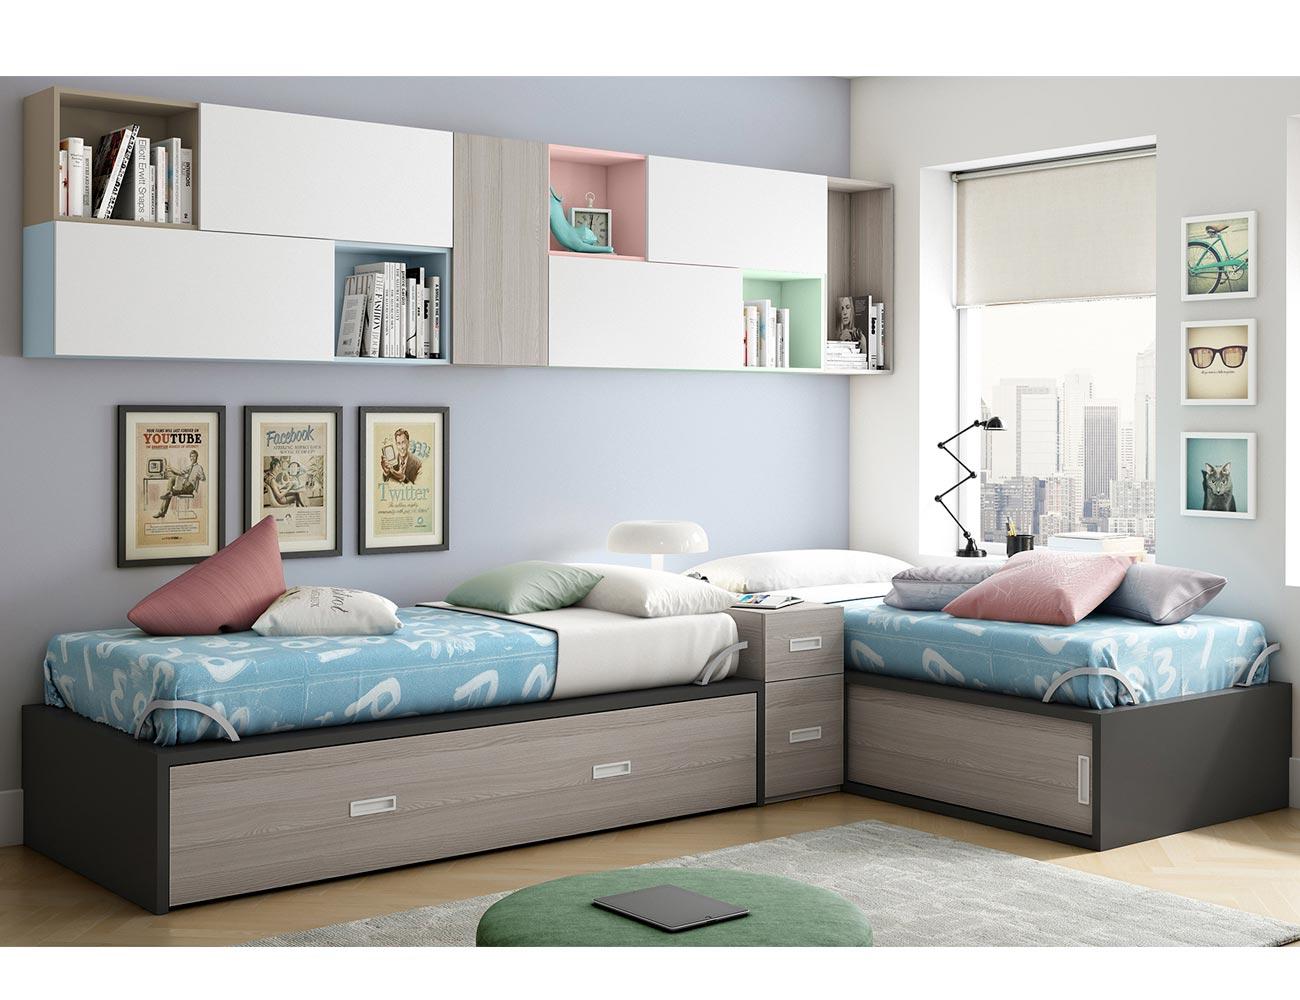 Dormitorio juvenil con dos cama nido dispuestas en l Dormitorio juvenil en l